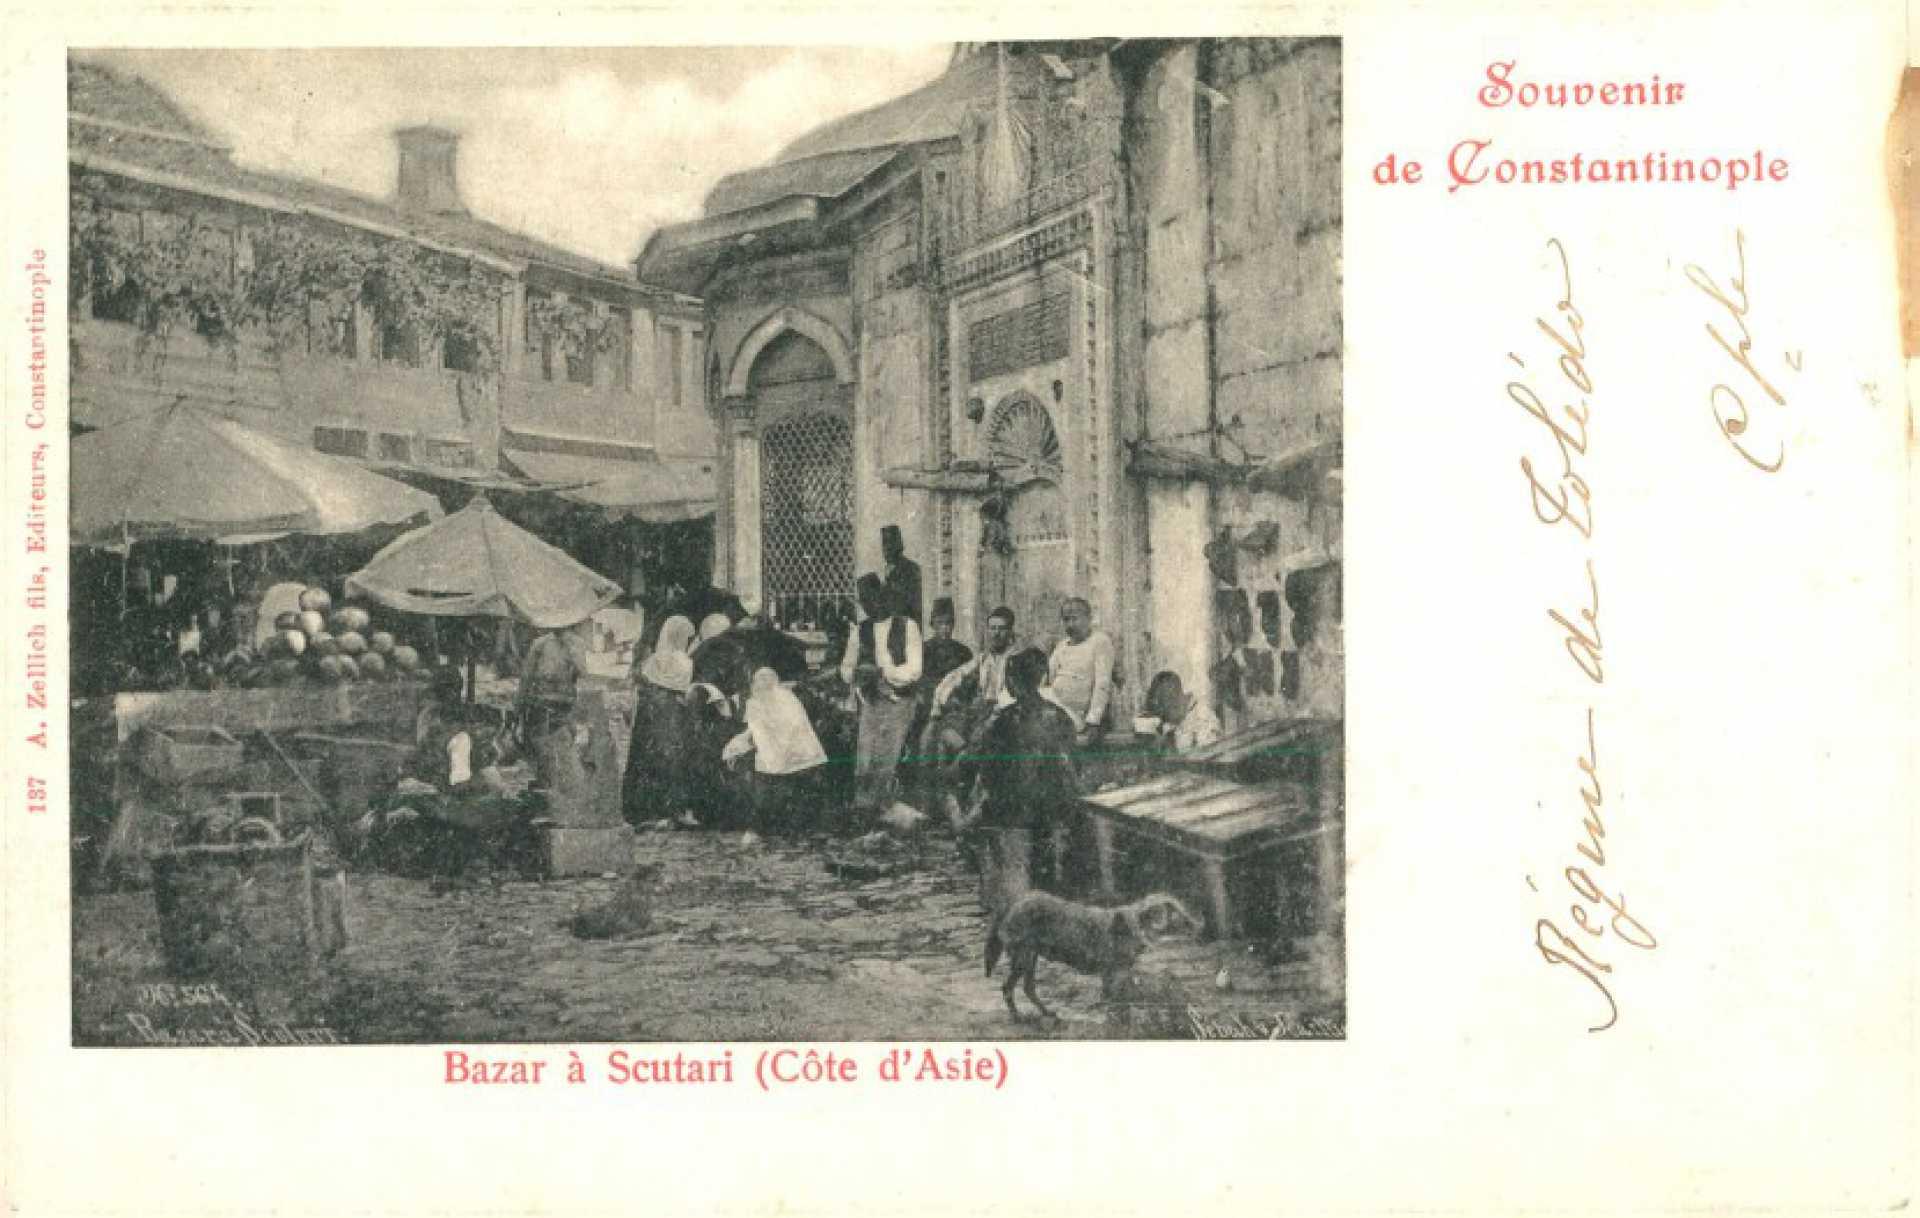 Bazar à Scutari ( Cote d'Asie)